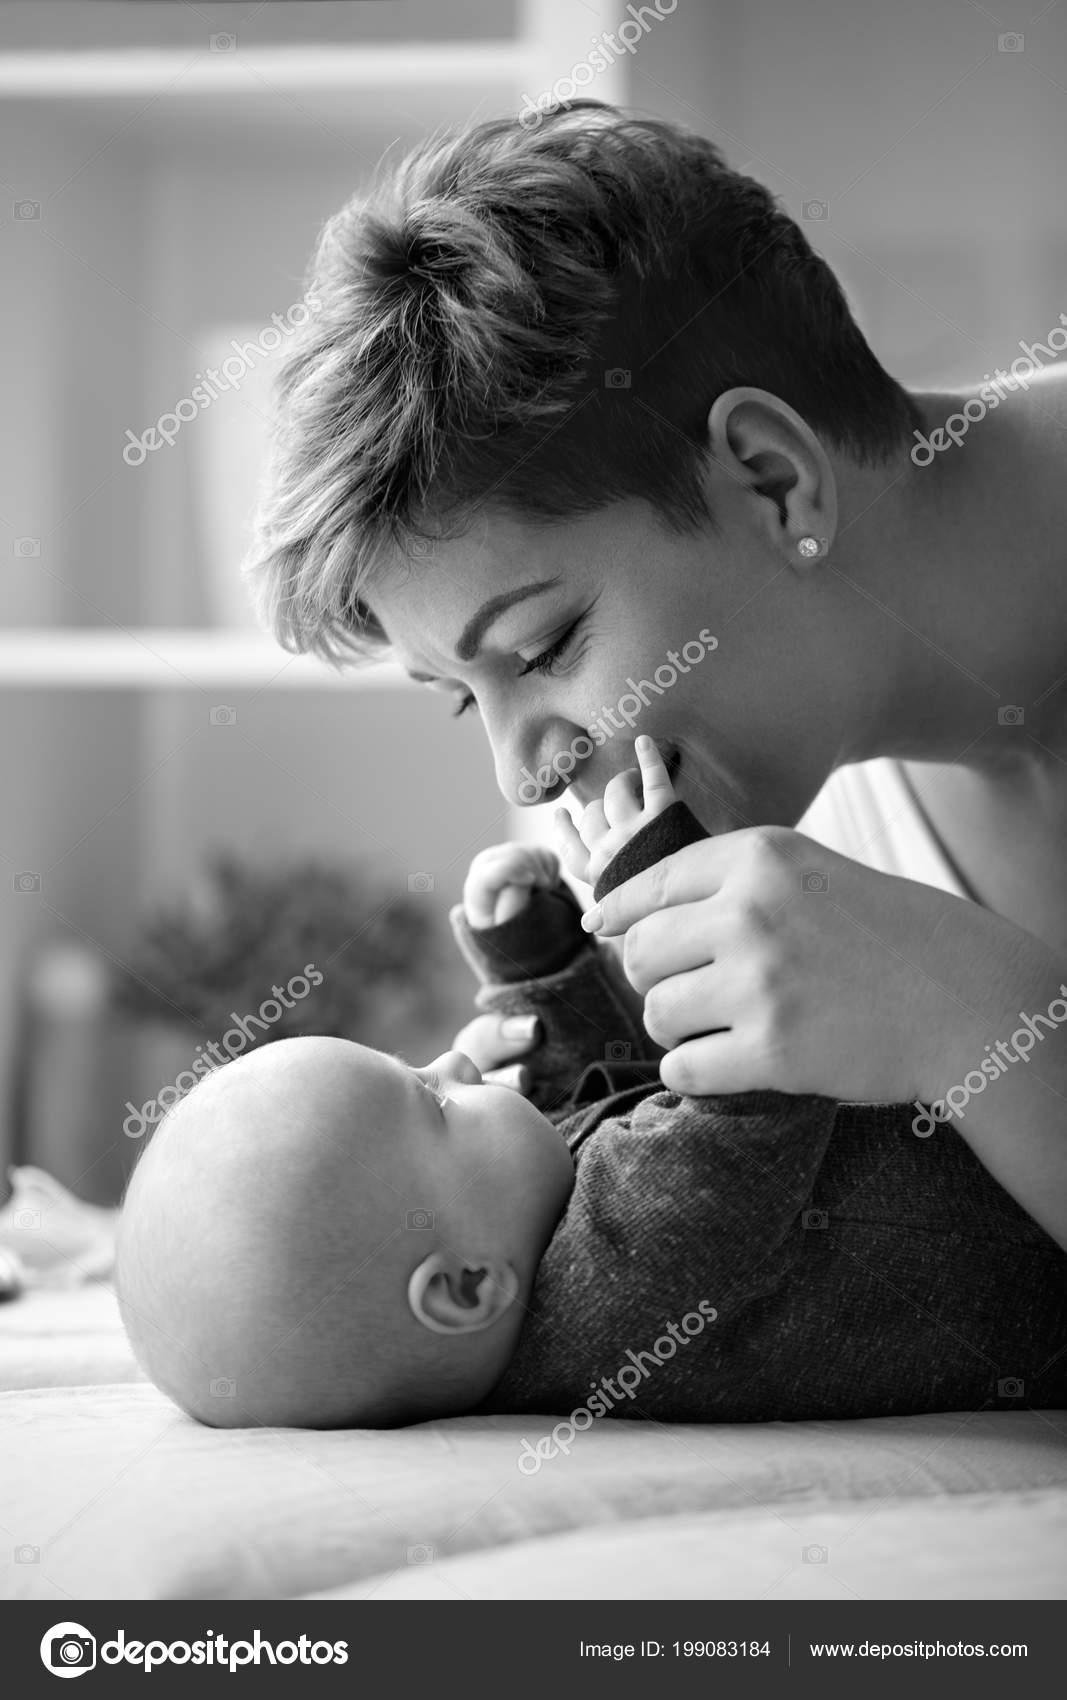 νεαρό μωρό γυμνό να σφιχτό για μεγάλο καβλί